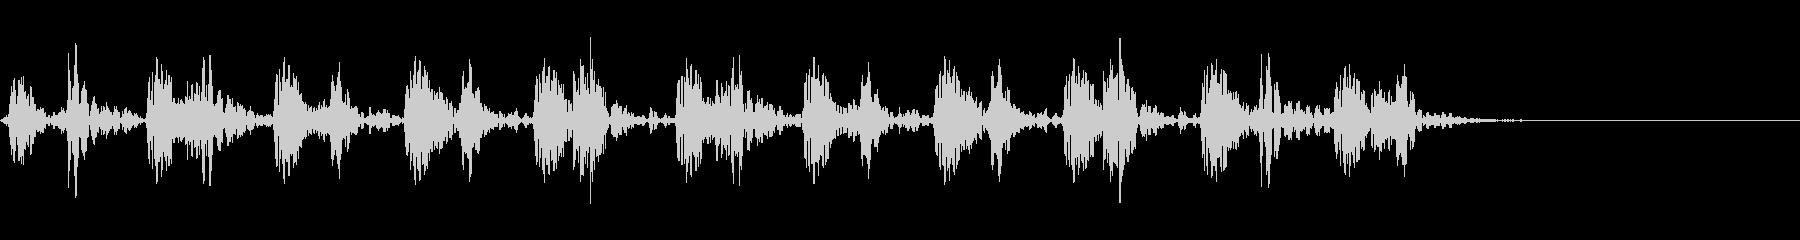 アコースティックベース:ホースギャ...の未再生の波形